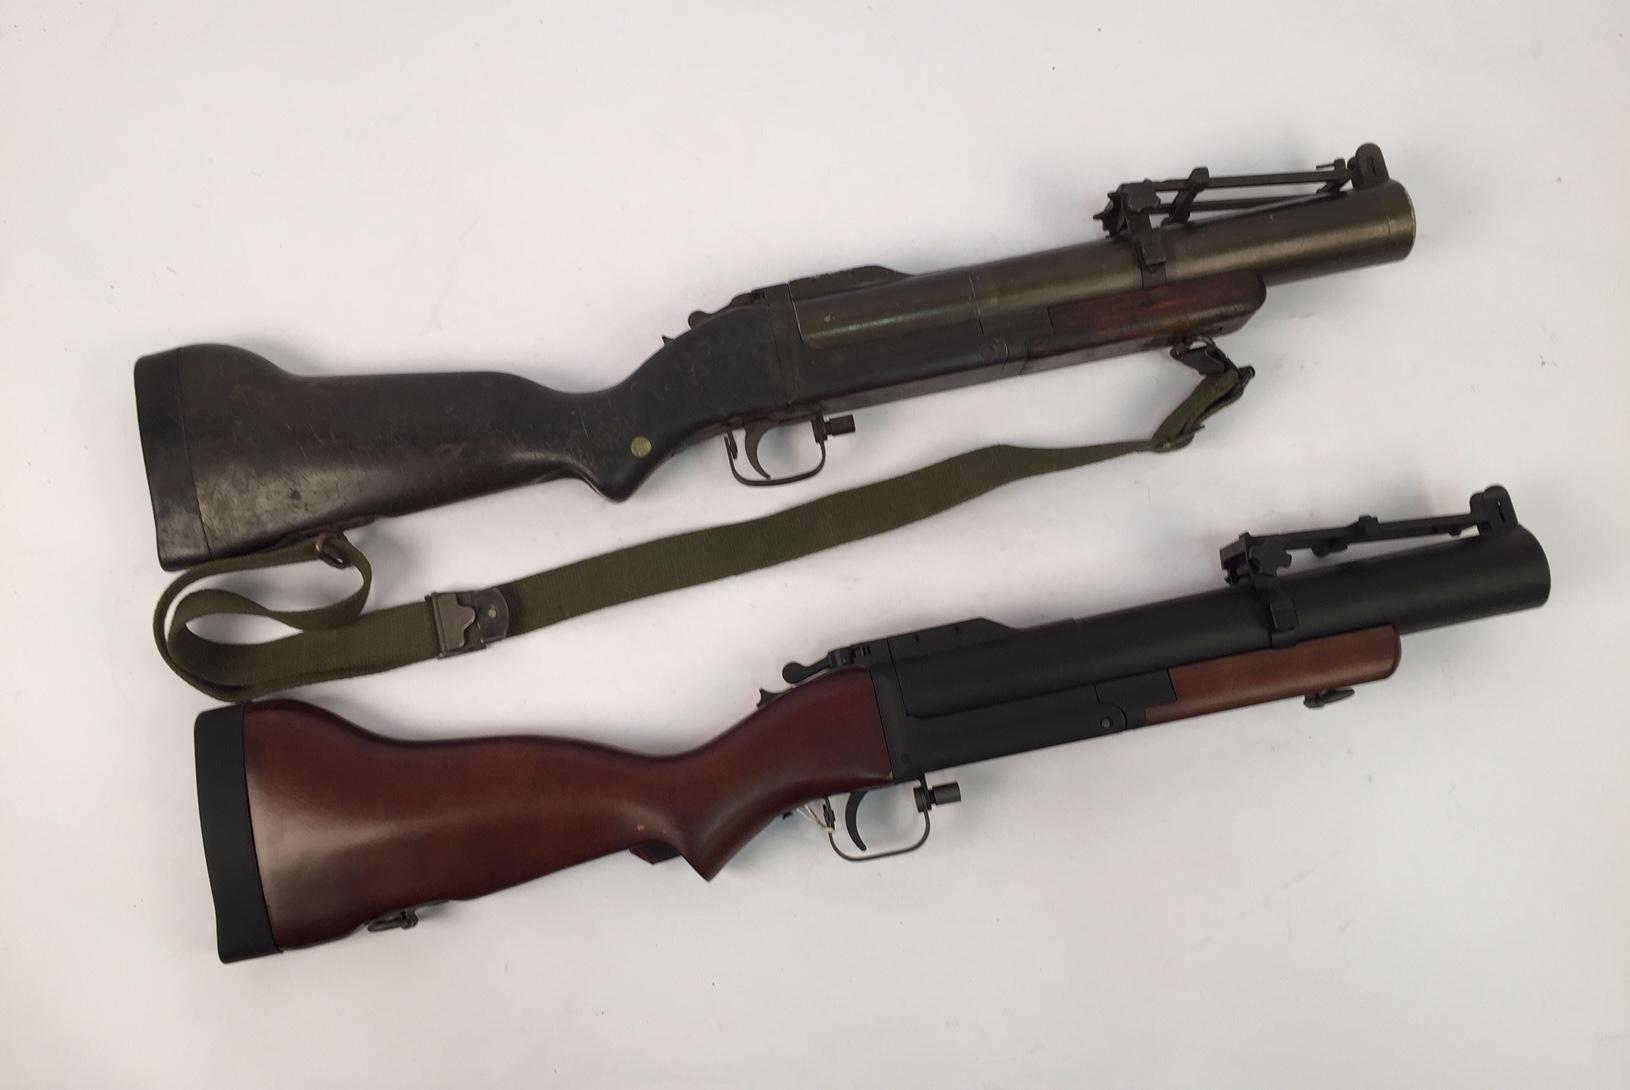 M79 real versus airsoft